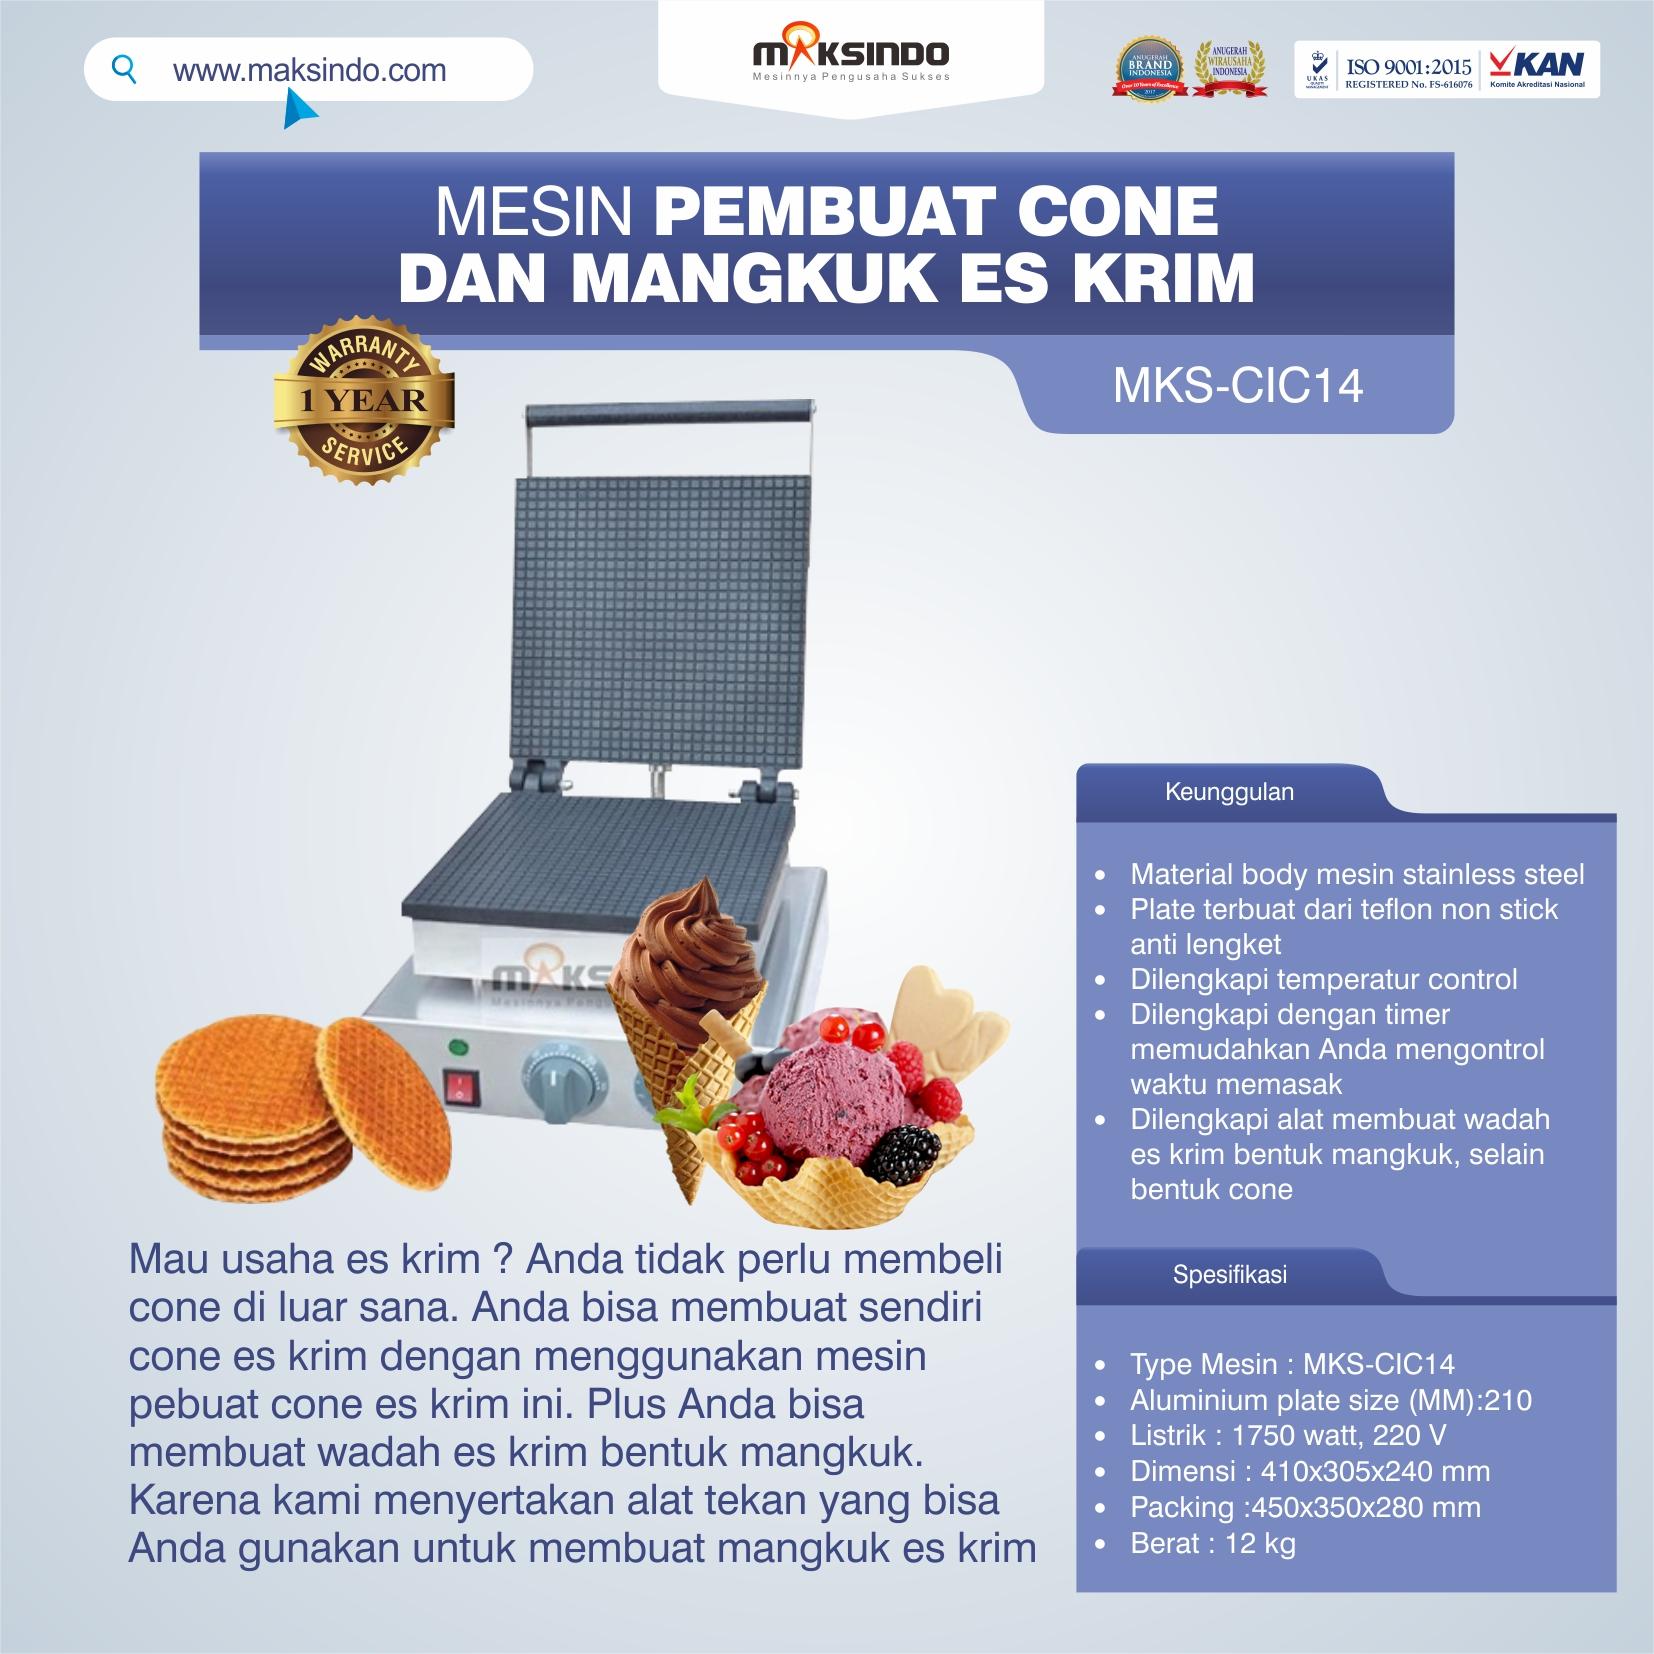 Jual Pembuat Cone dan Mangkuk Es Krim (CIC14) di Makassar